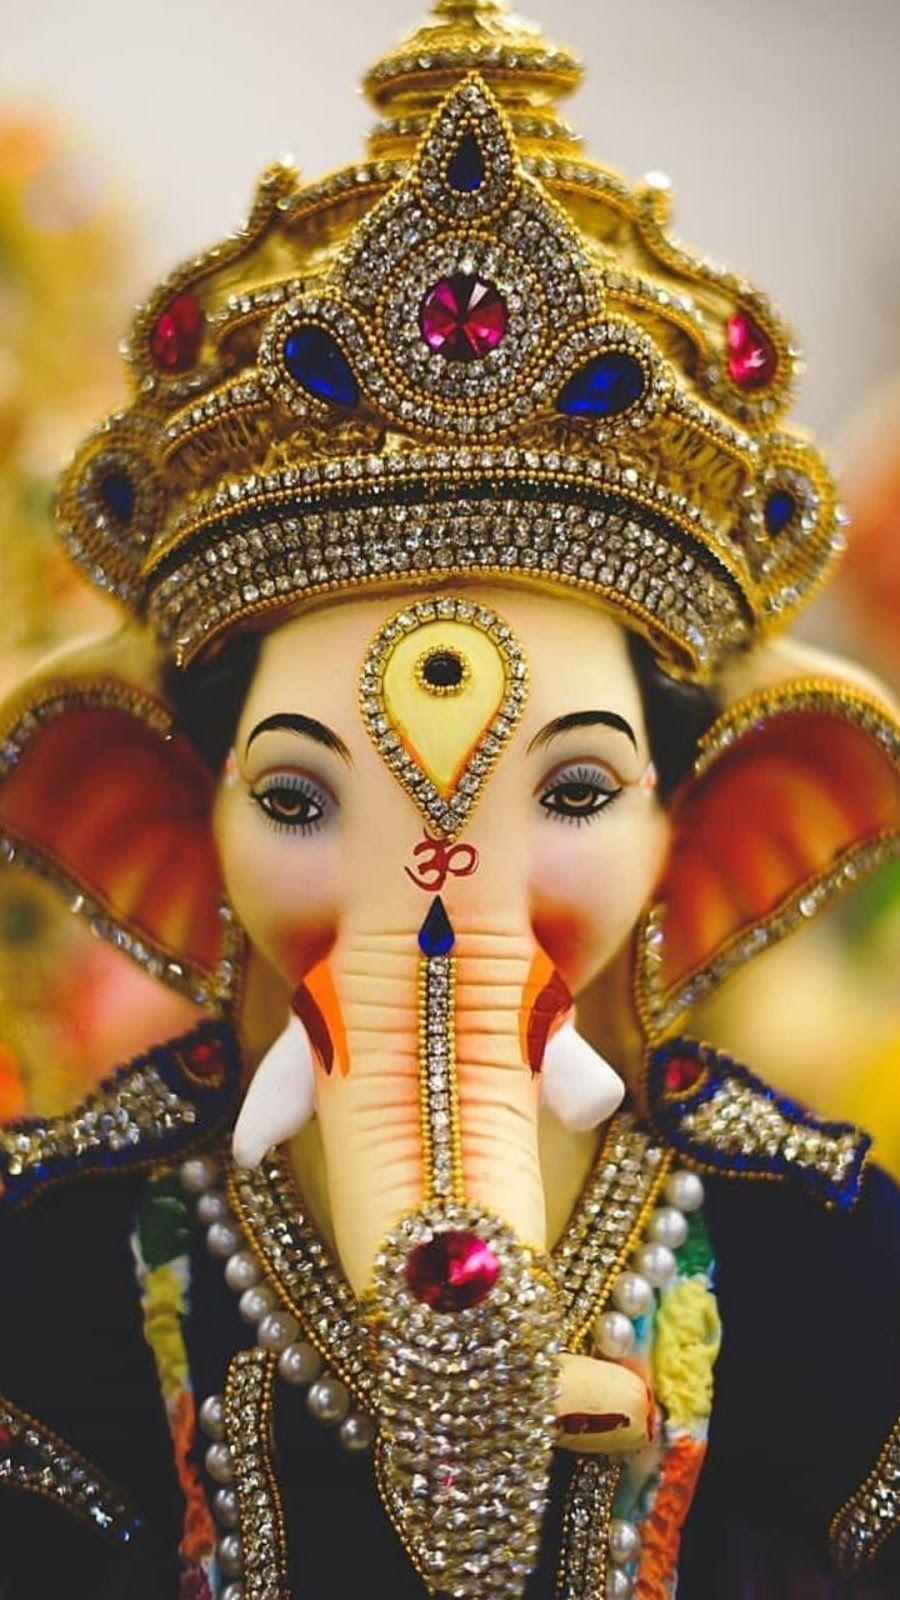 900x1600 Là vị thần của sự khởi đầu, ông được tôn vinh khi bắt đầu các nghi thức và nghi lễ # Mới_Năm_2020 # Mới_Năm.  Ganesh hình ảnh, Ganpati bappa hình nền, Ganesh hình nền